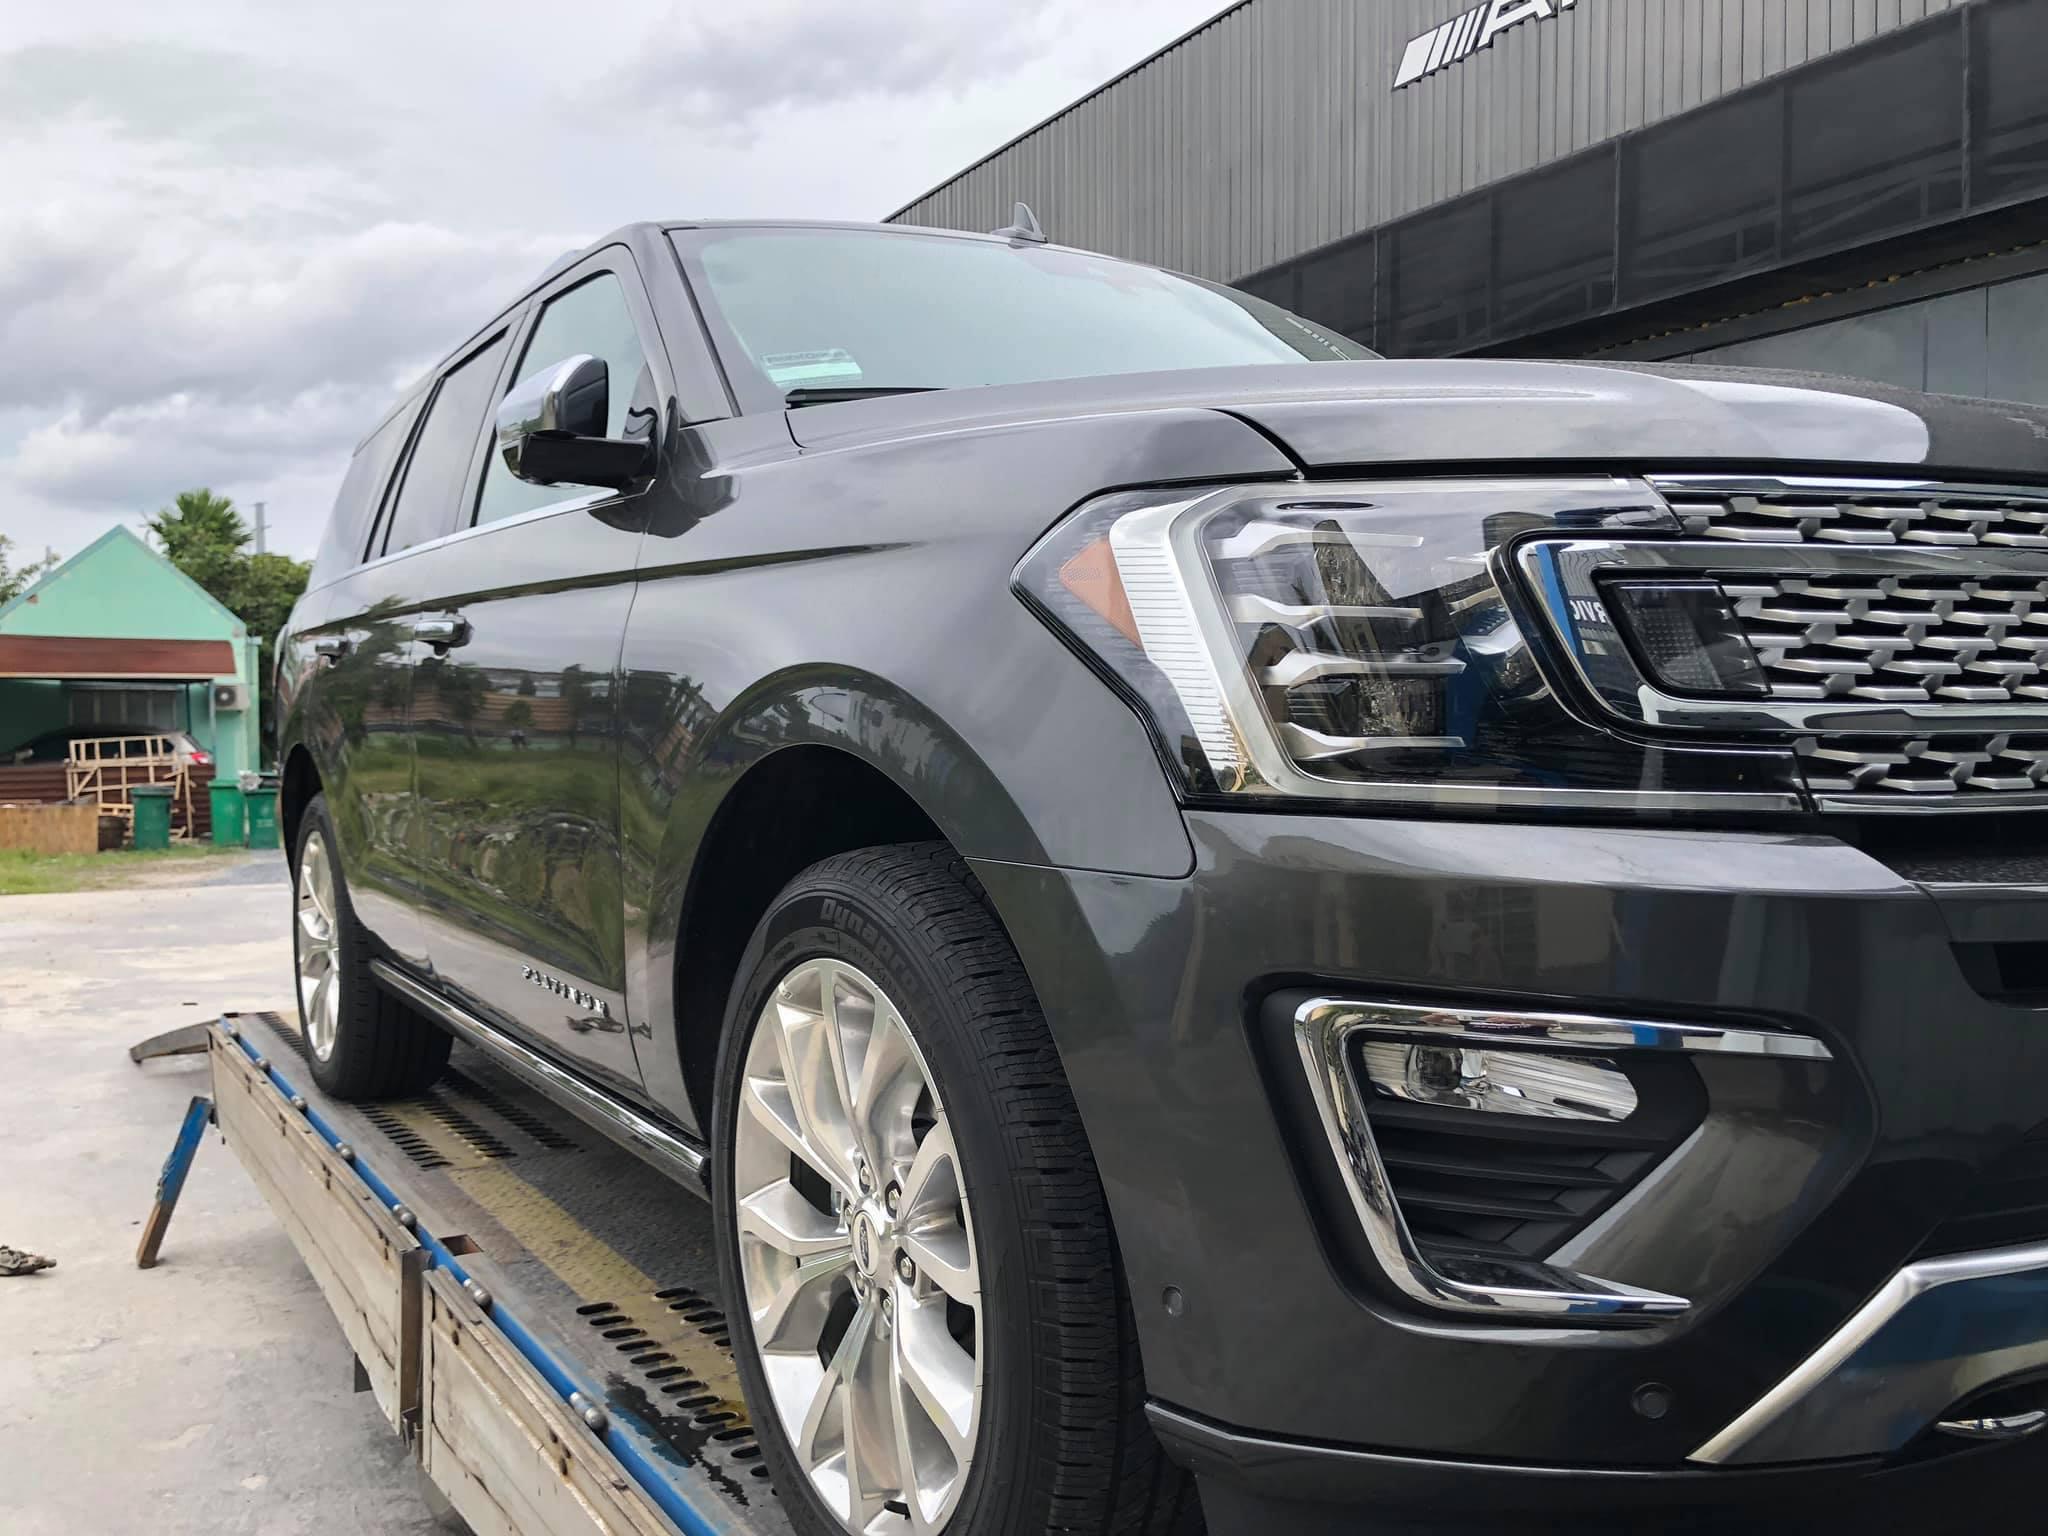 Ford Expedition 2019 phiên bản Platinum cao cấp nhất đầu tiên về Việt Nam - 2